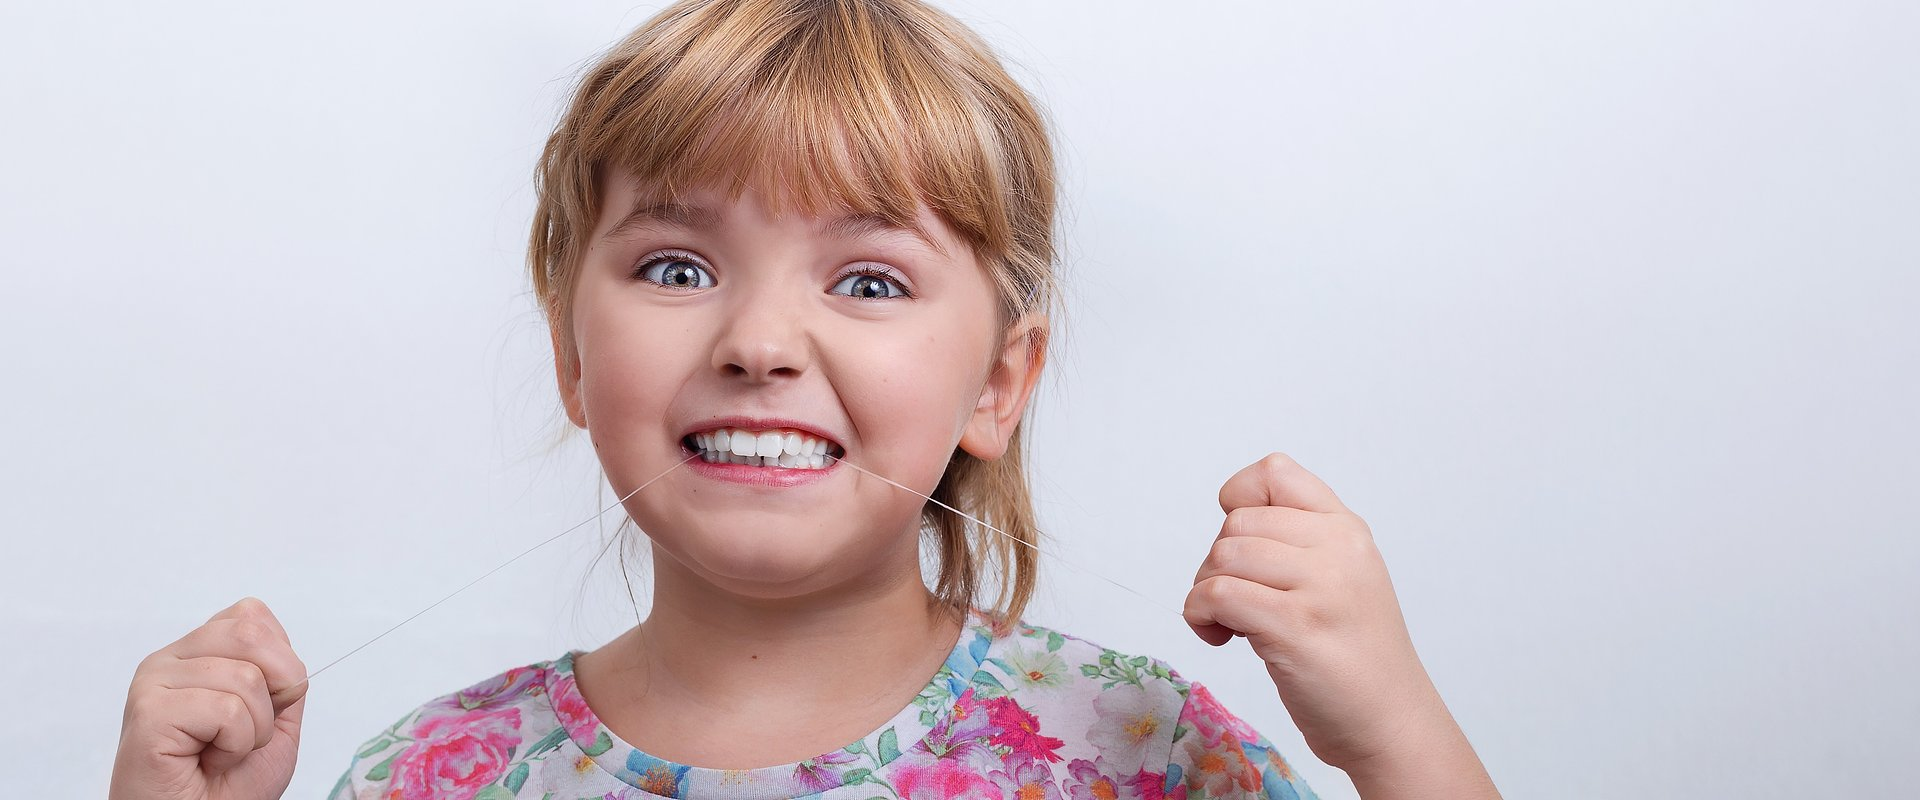 Stomatolog dziecięcy radzi: co robić, gdy dziecko boli ząb w czasie pandemii koronawirusa